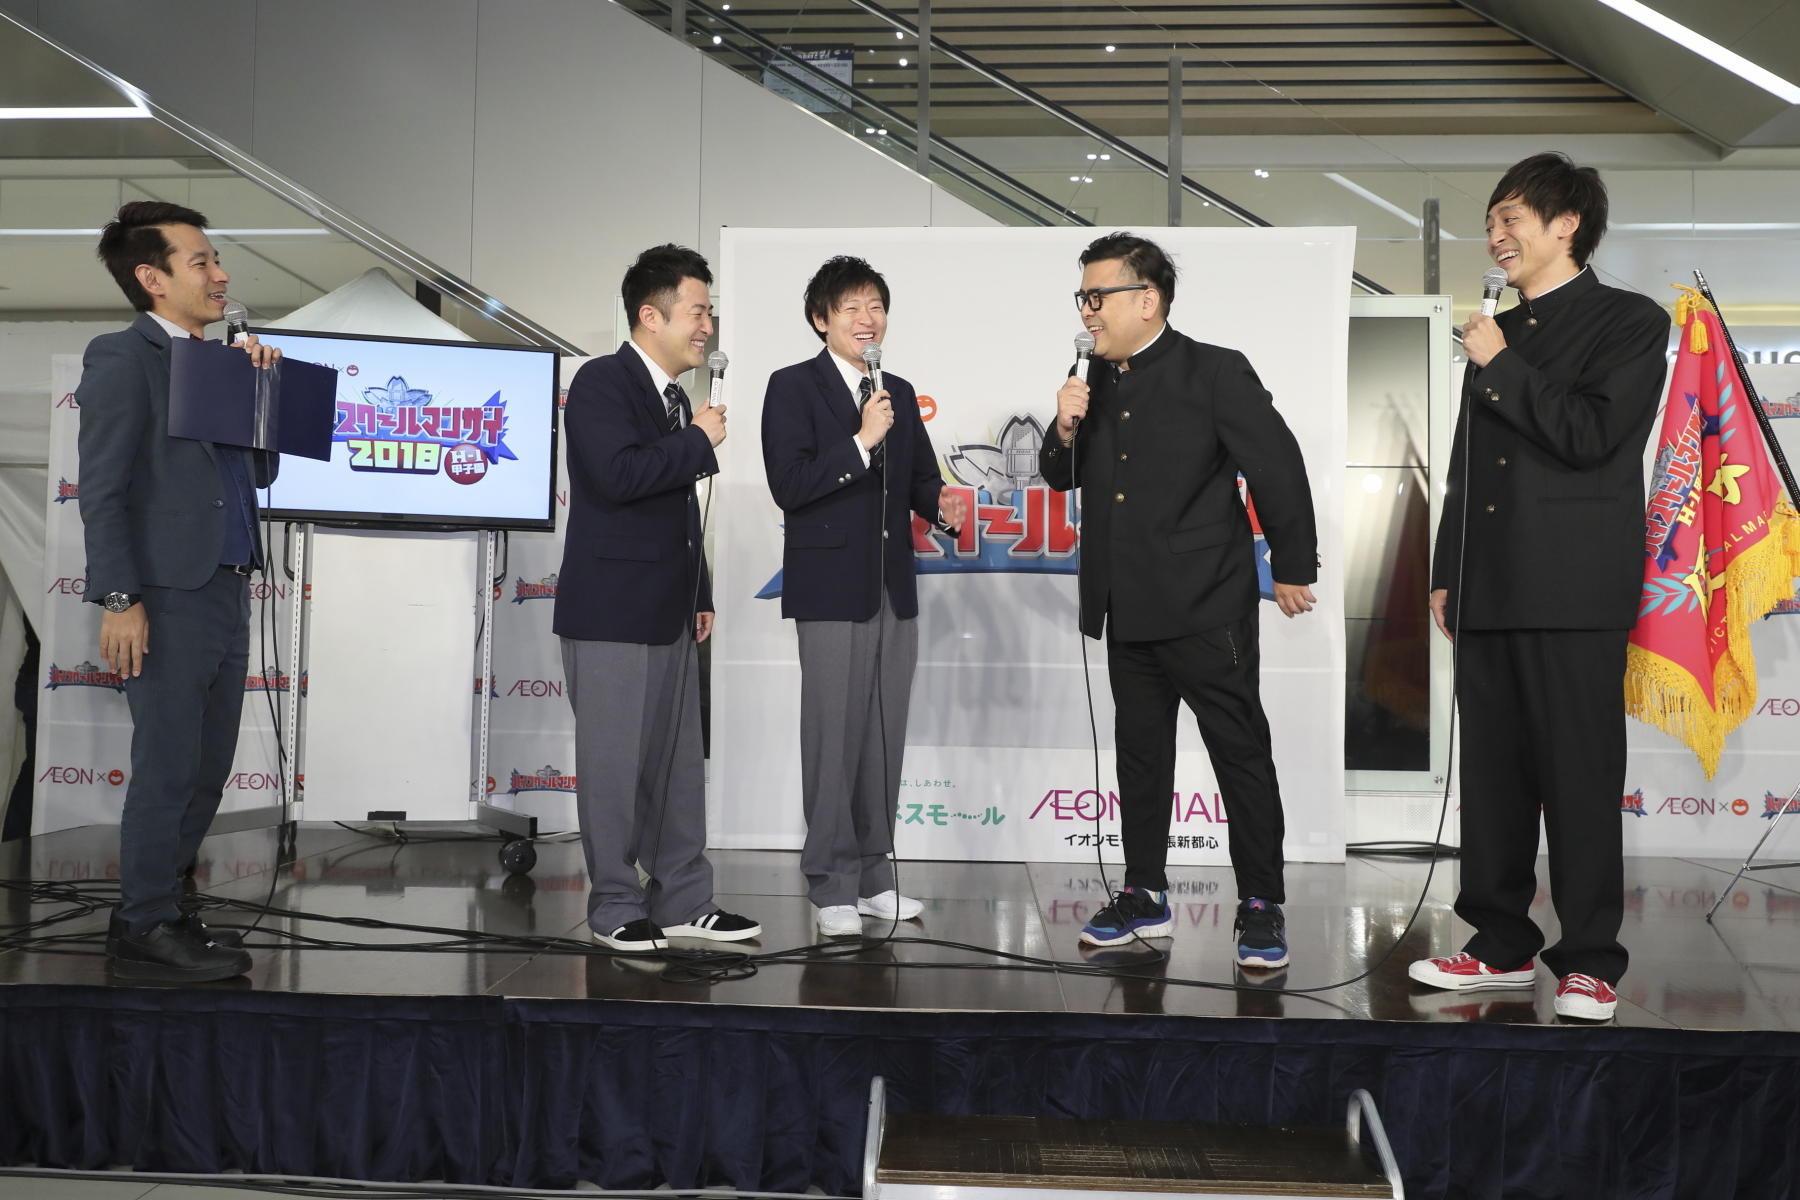 http://news.yoshimoto.co.jp/20180510215150-ac108a2331ba9bbb8a2388e75a3a03ea92706909.jpg